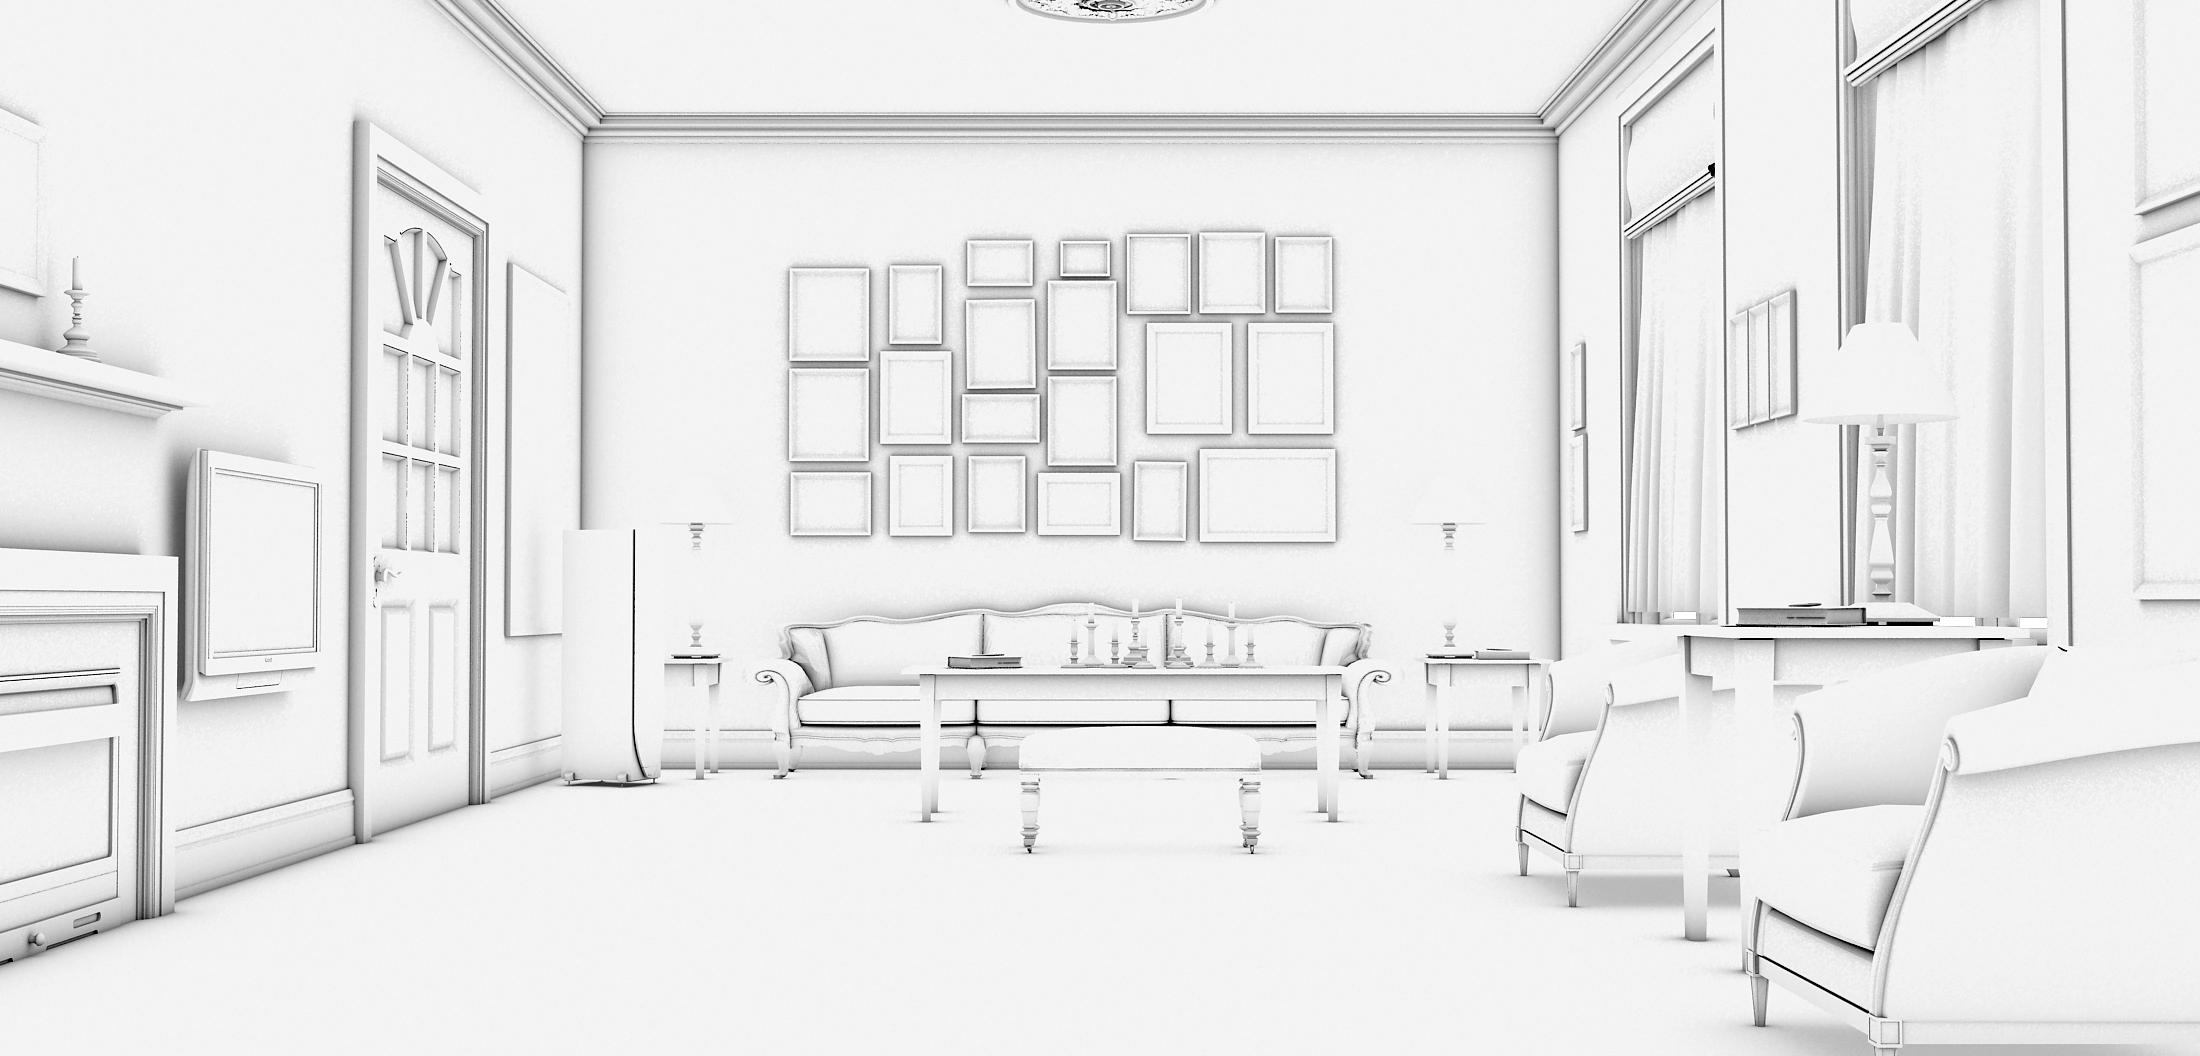 Infoarquitectura-Interior-Classic Dinning Room-aaook.jpg